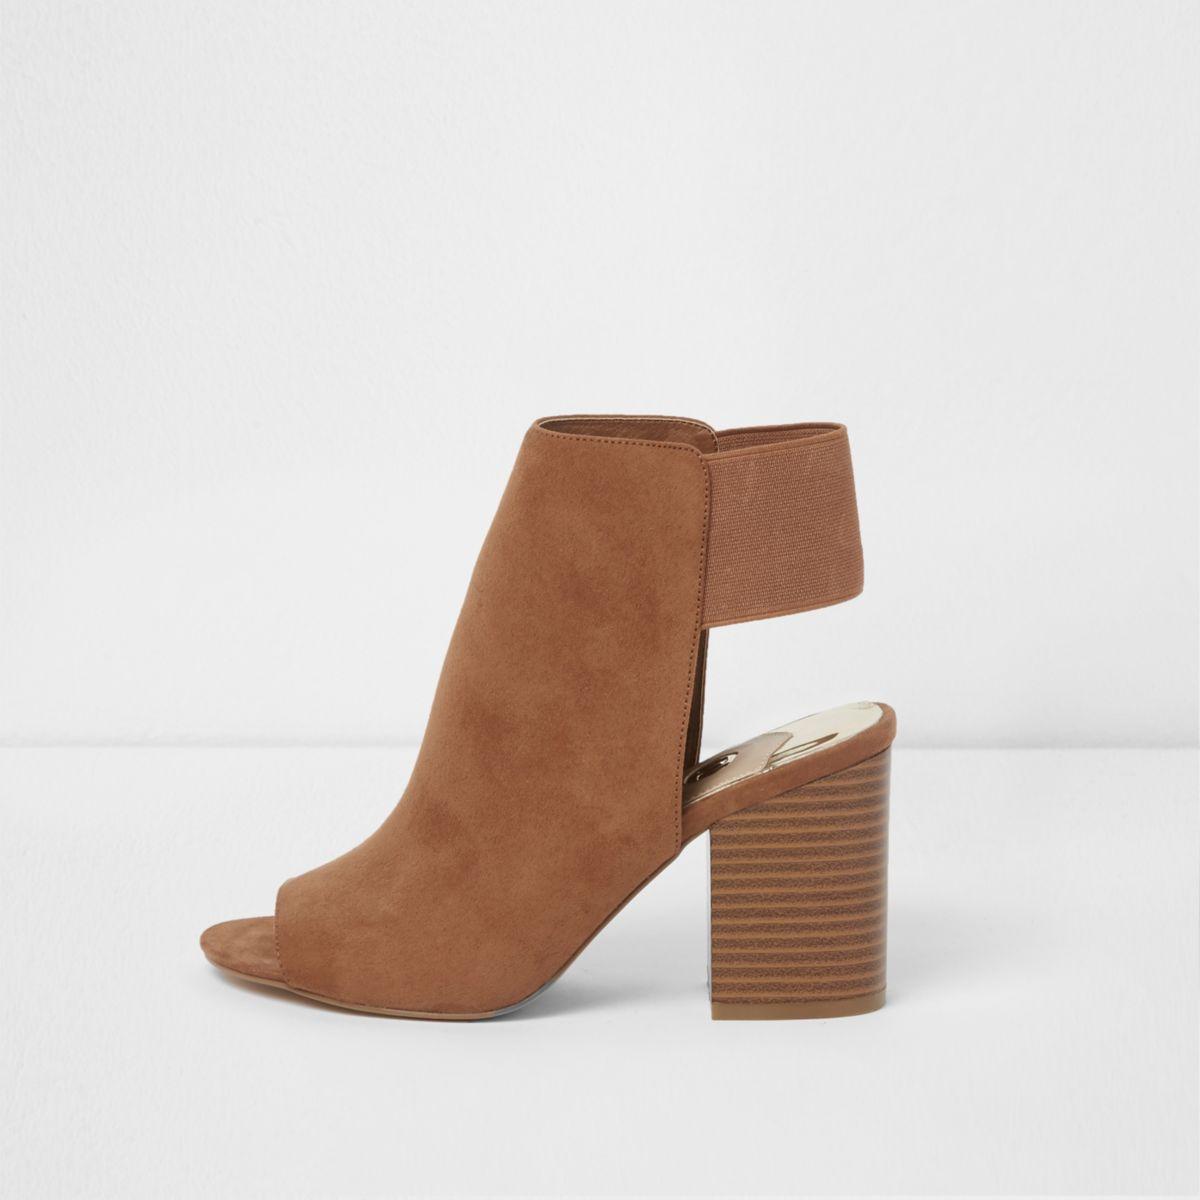 Chaussures Marron Avec Talon Carré Pour Les Femmes 1ddew9tX